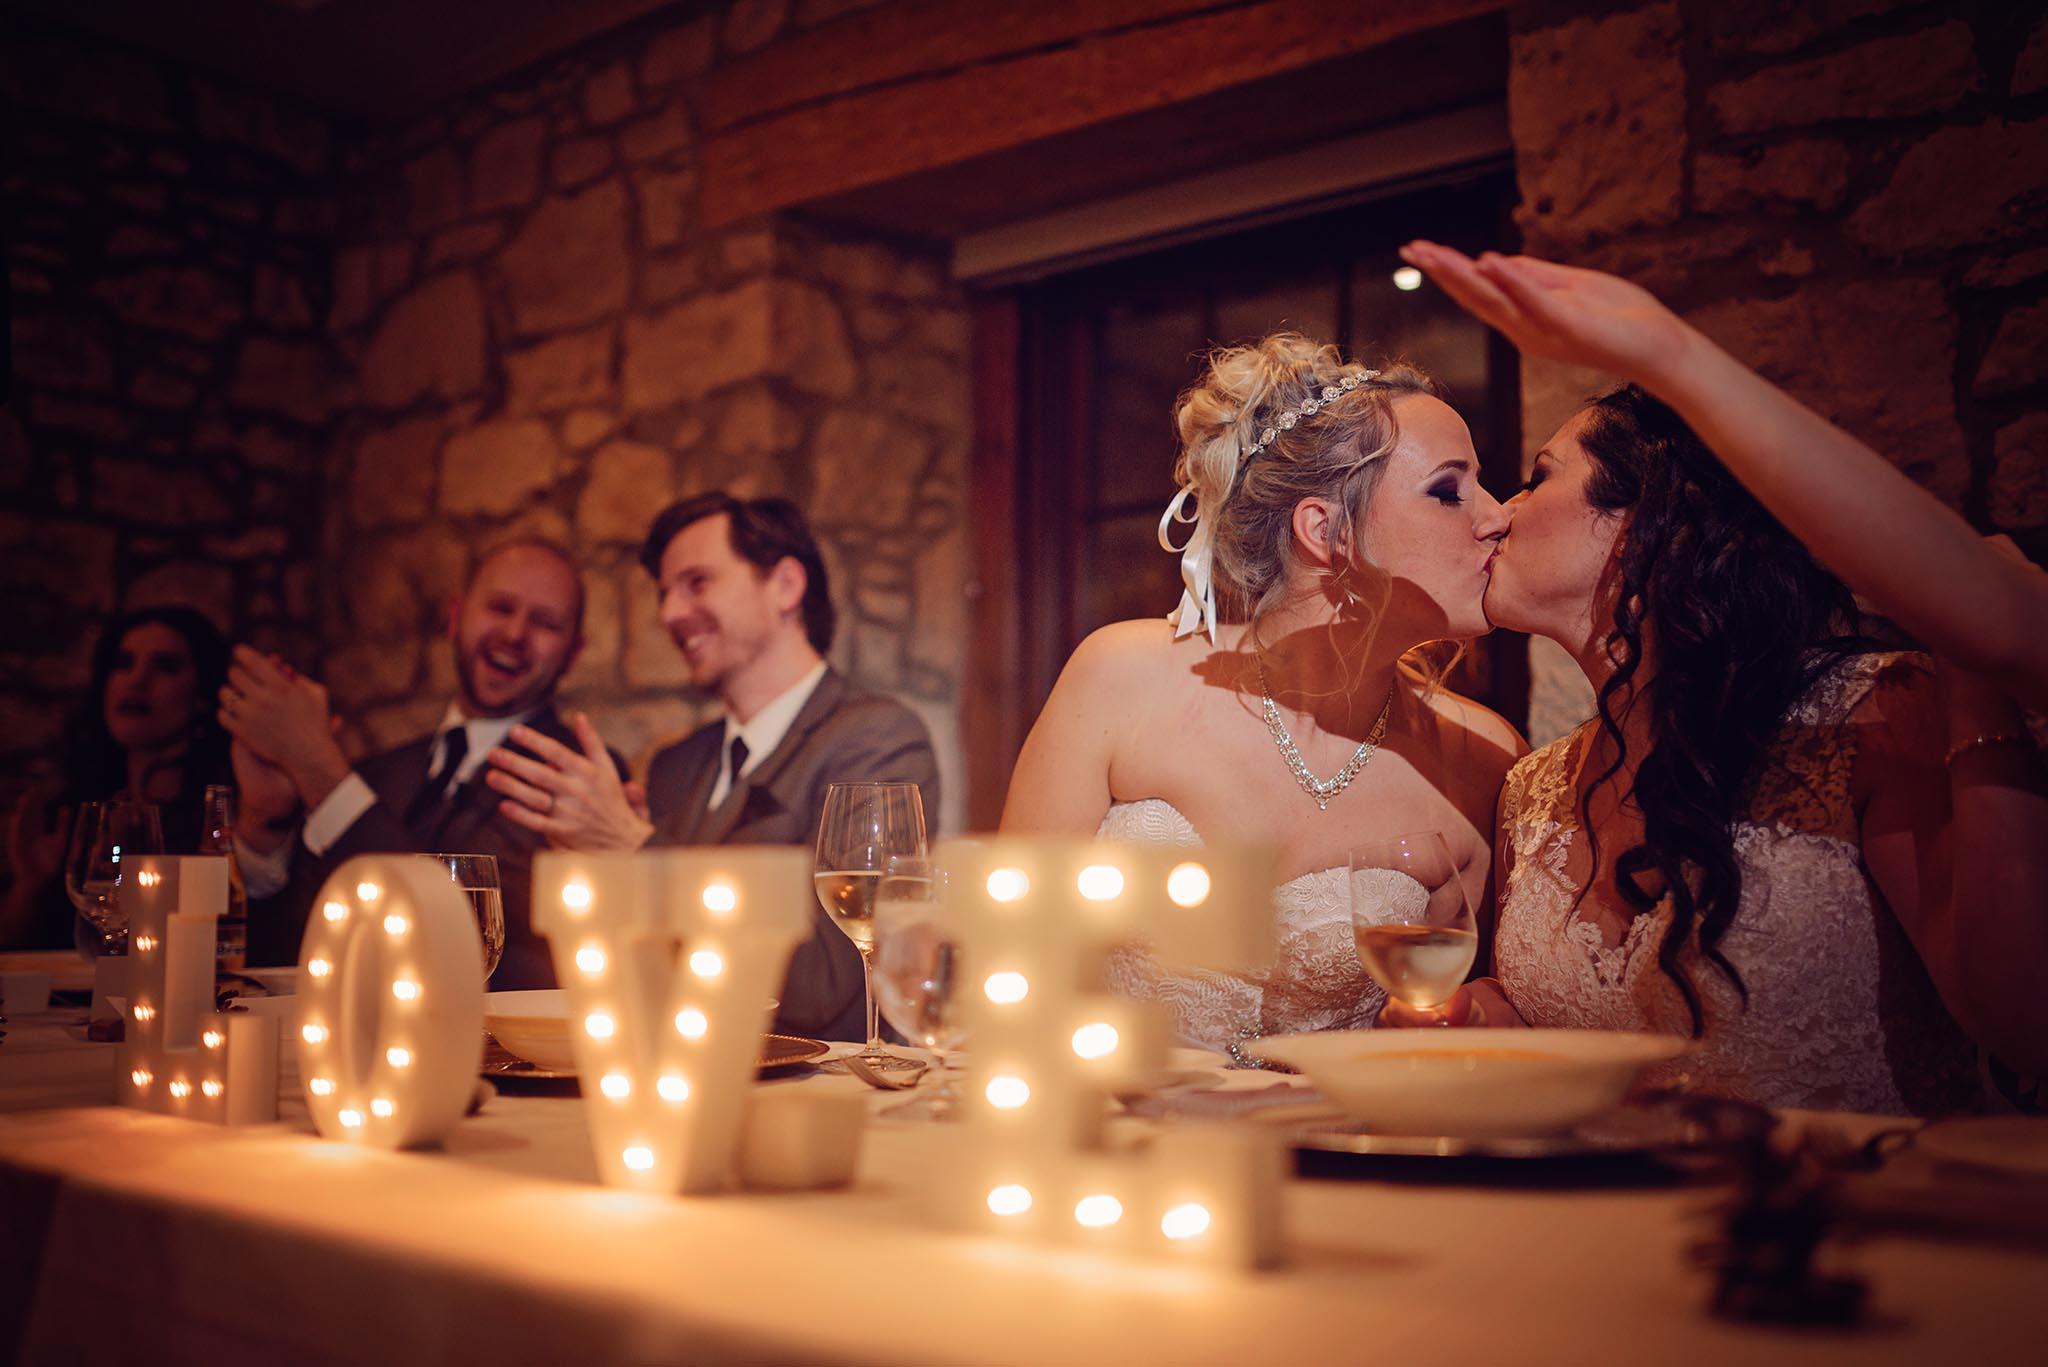 Peter-Bendevis-Photography-Kris-Laura-Cambridge-Mill-Winter-Wedding30